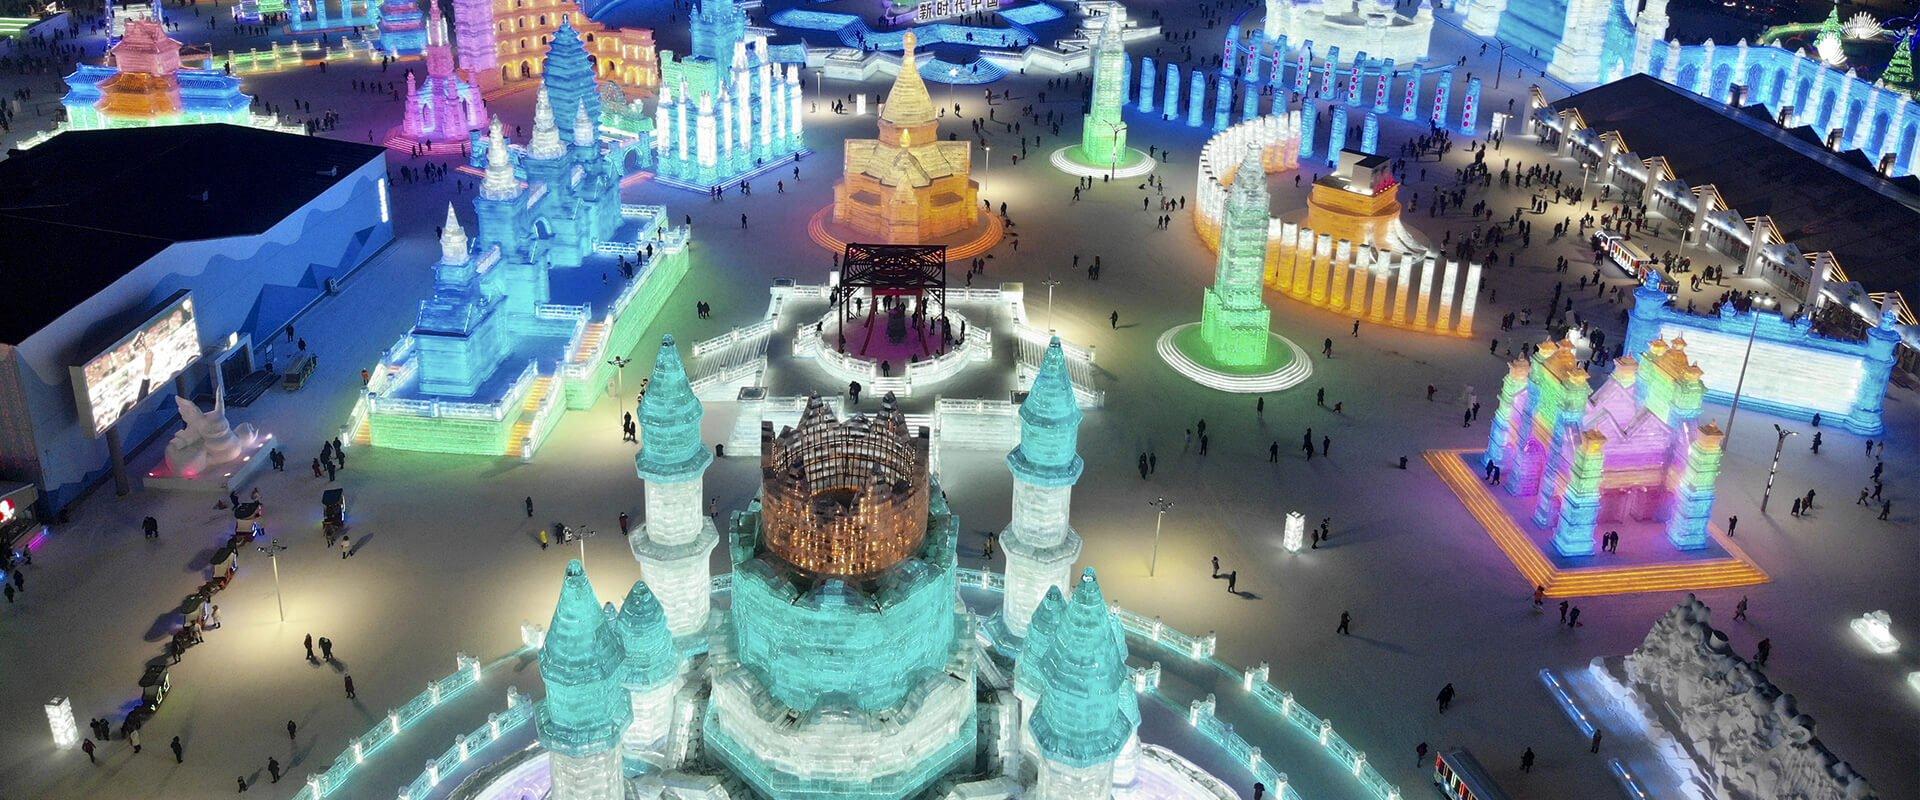 El festival de esculturas de hielo y nieve más grande del mundo ya está abierto al público